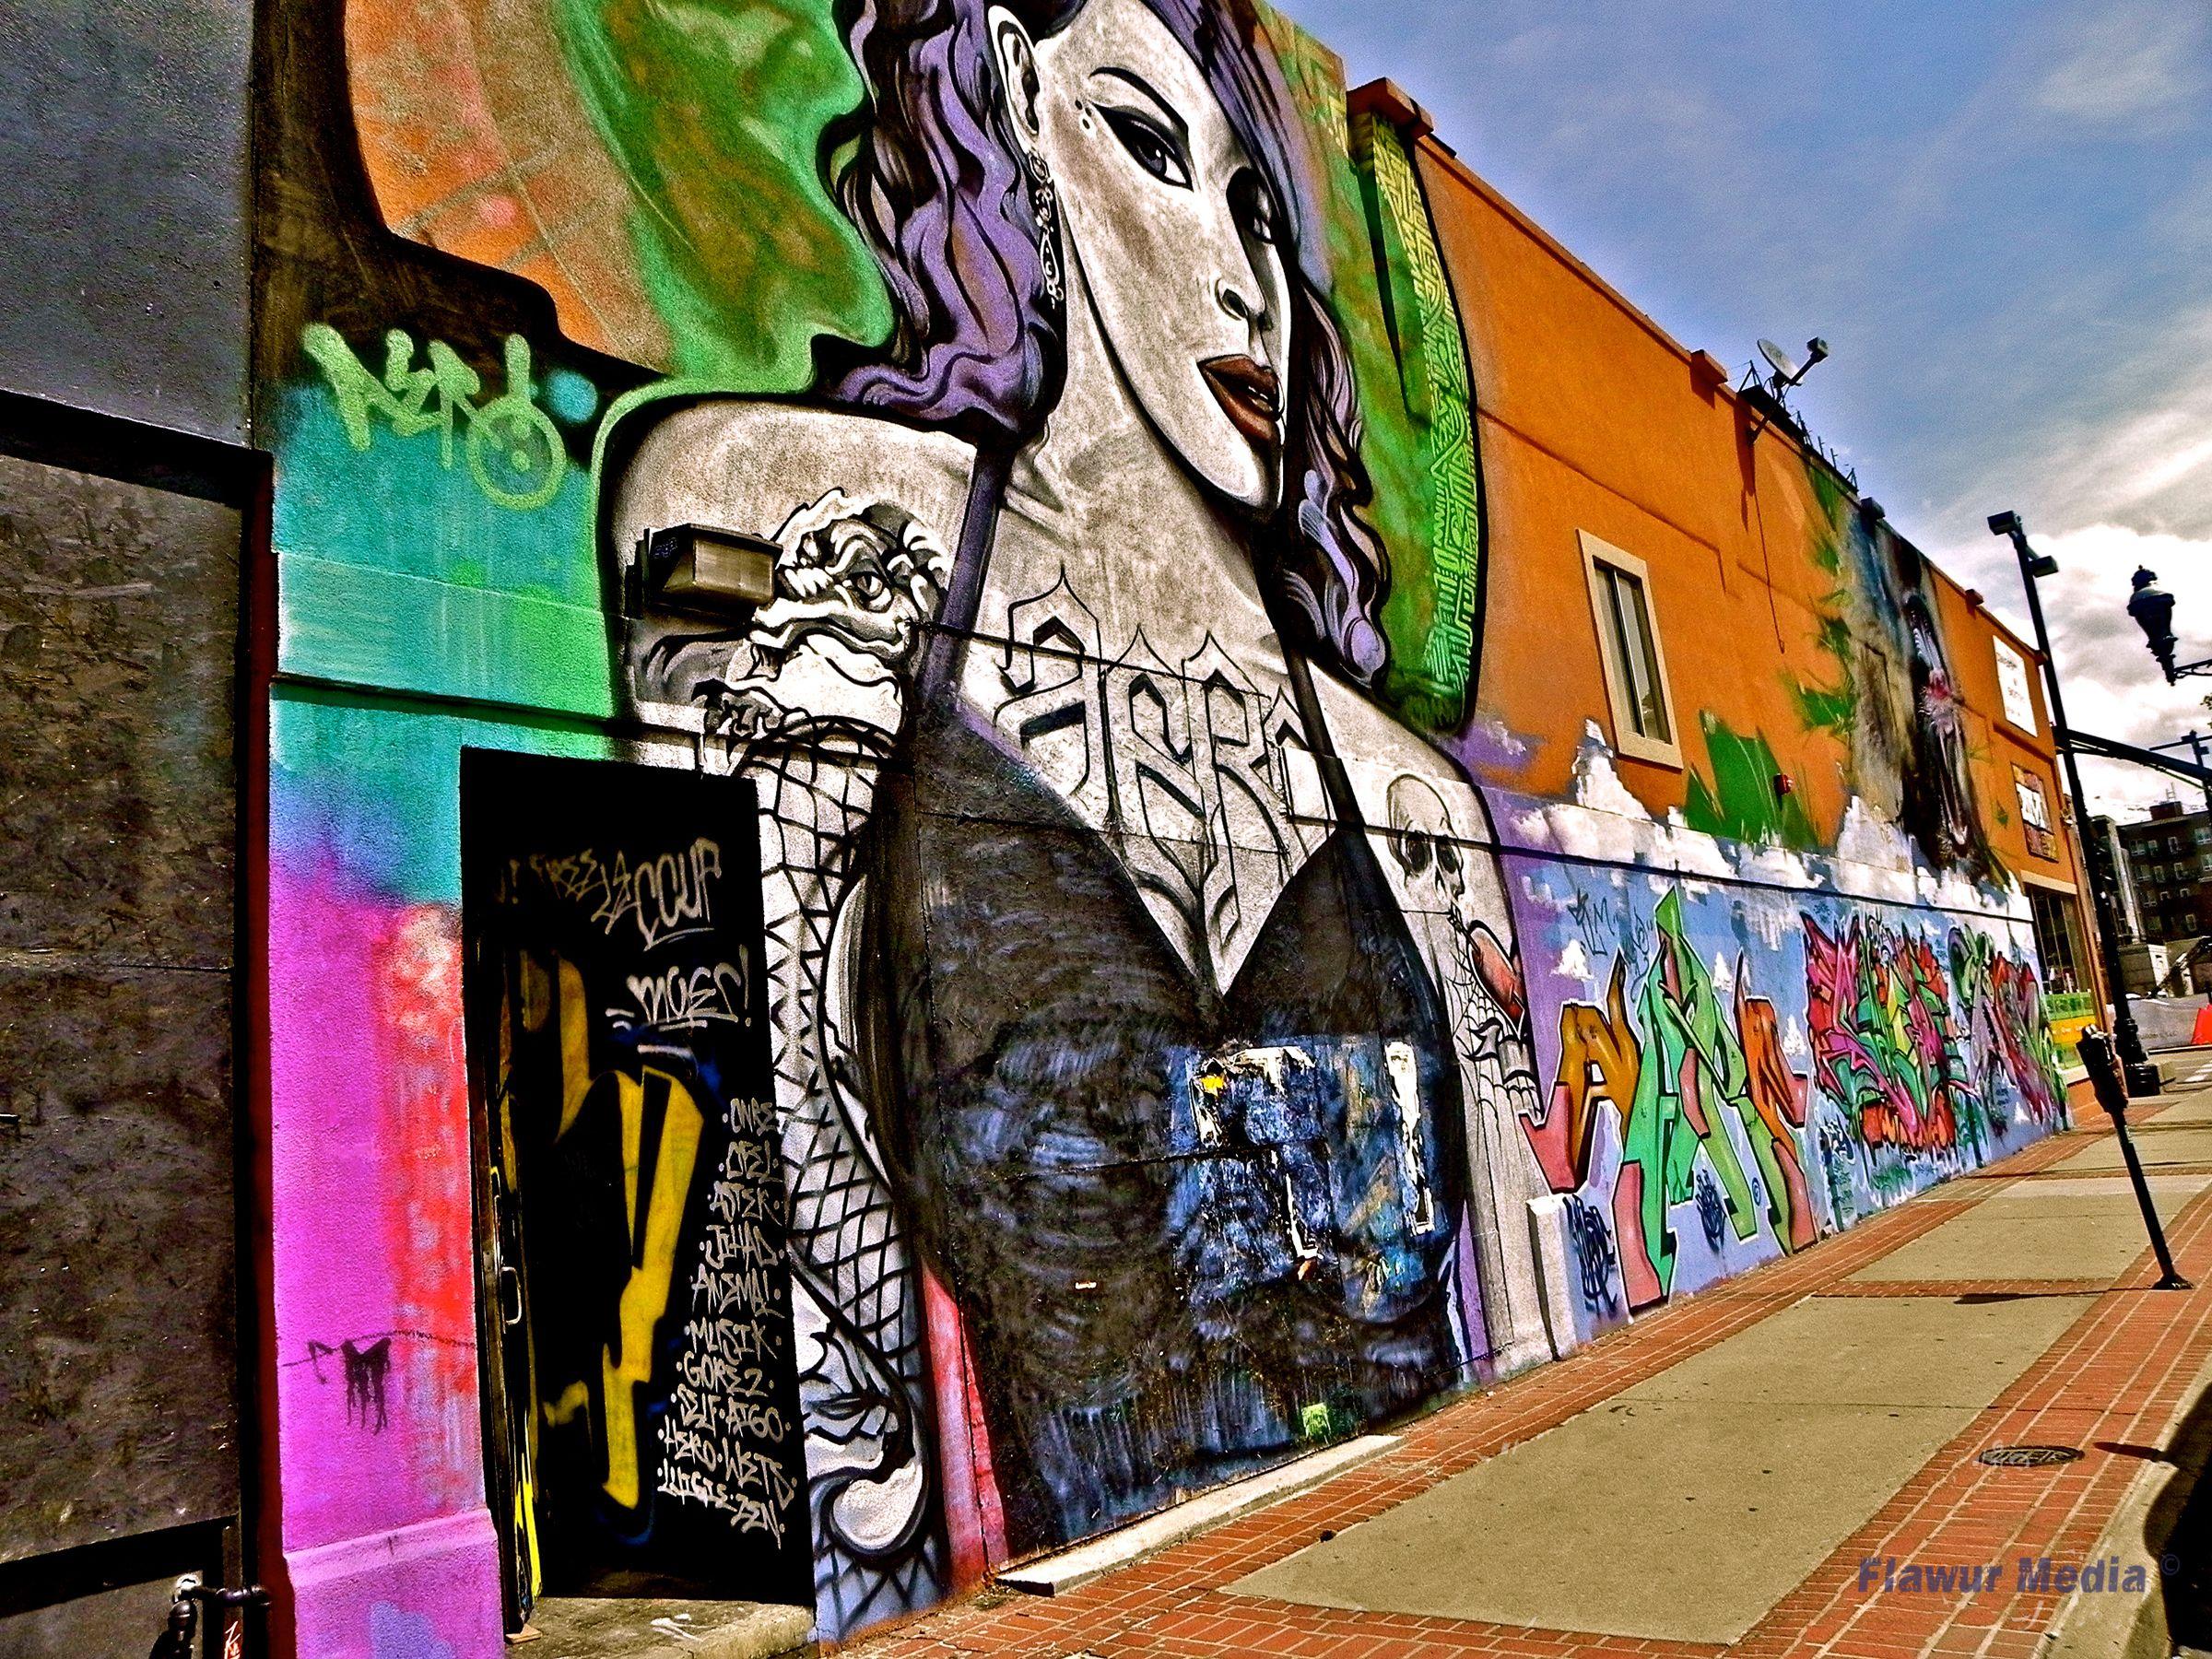 Graffiti wall ann arbor - Graffiti Wall In Salt Lake City